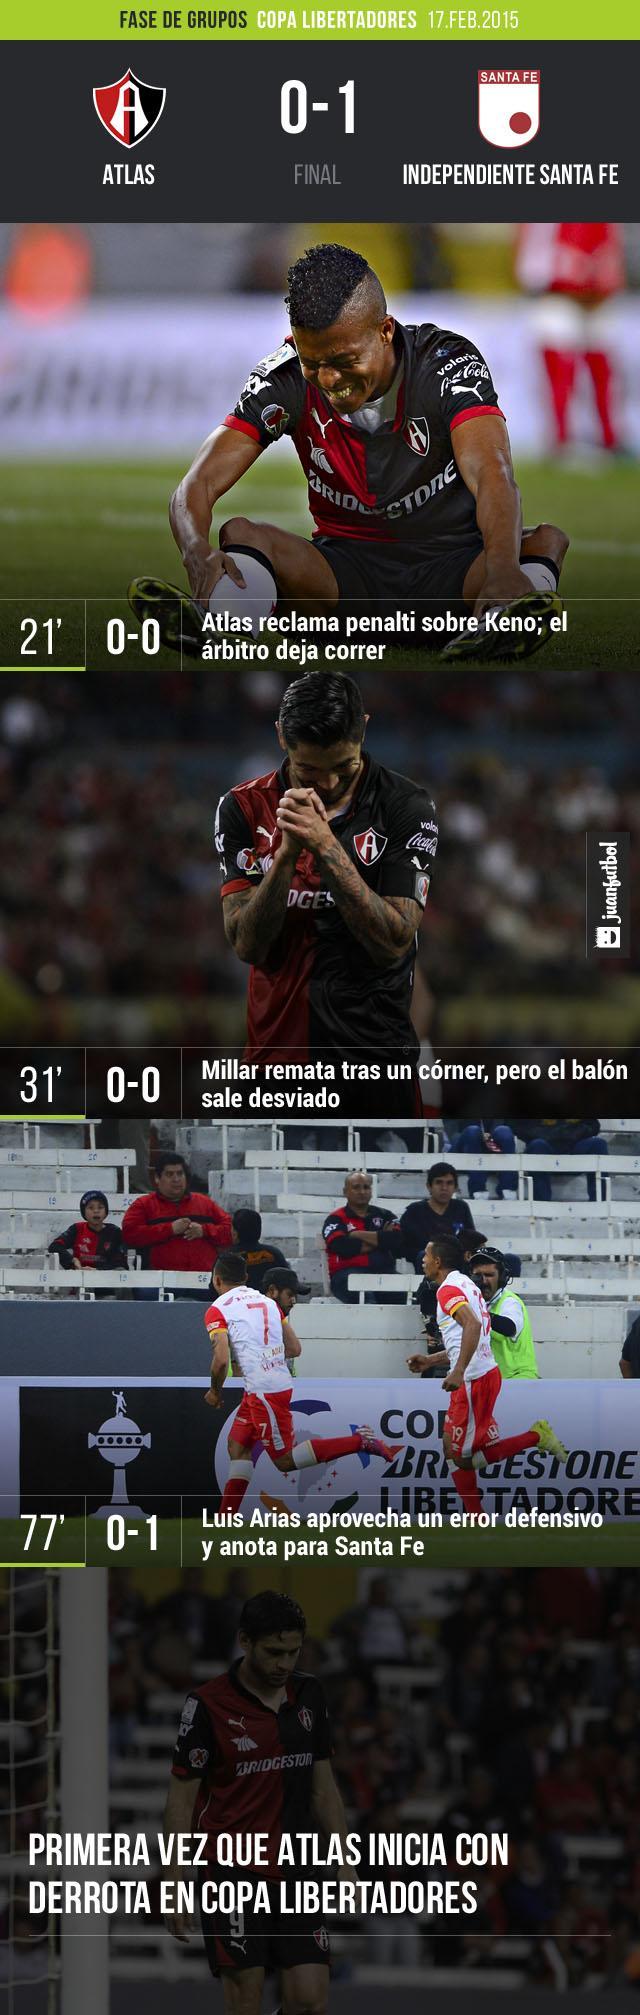 Atlas no tuvo éxito frente al Independiente Santa Fe